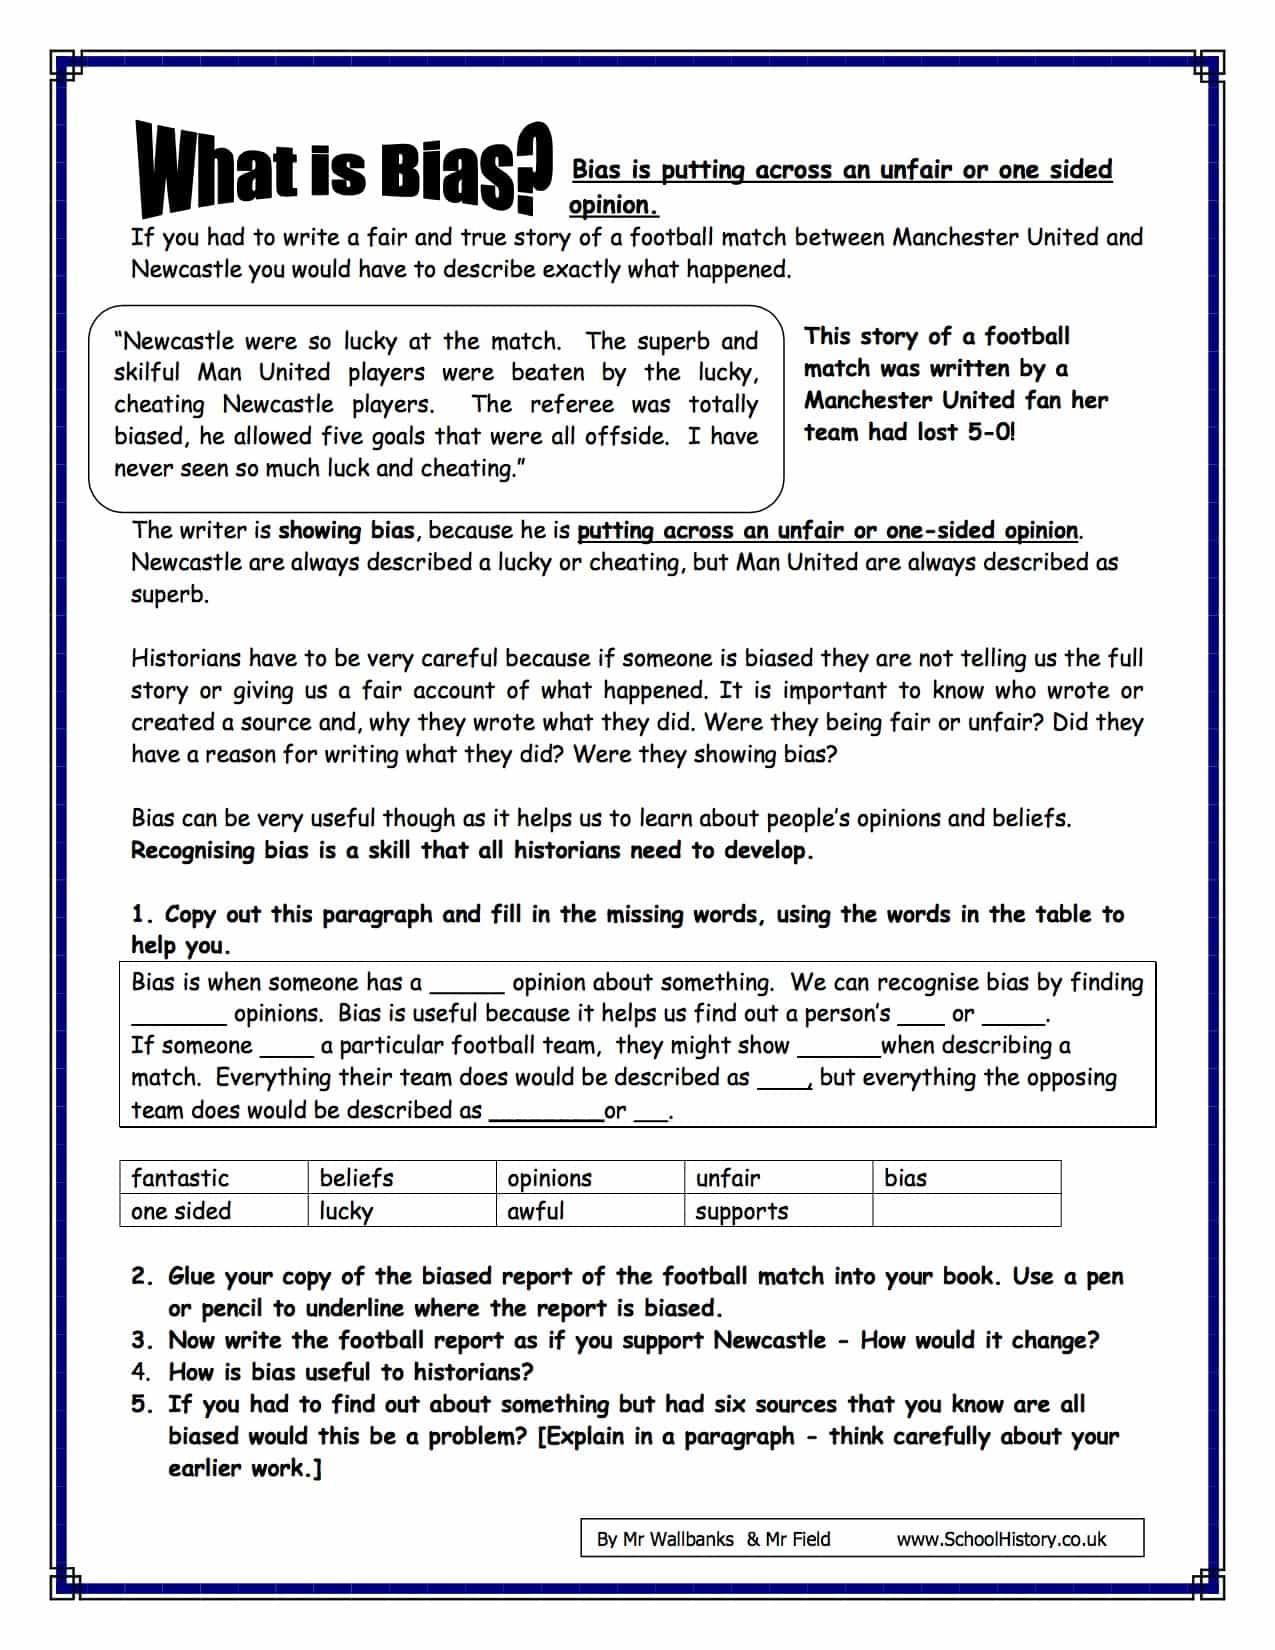 What Is Bias Worksheet